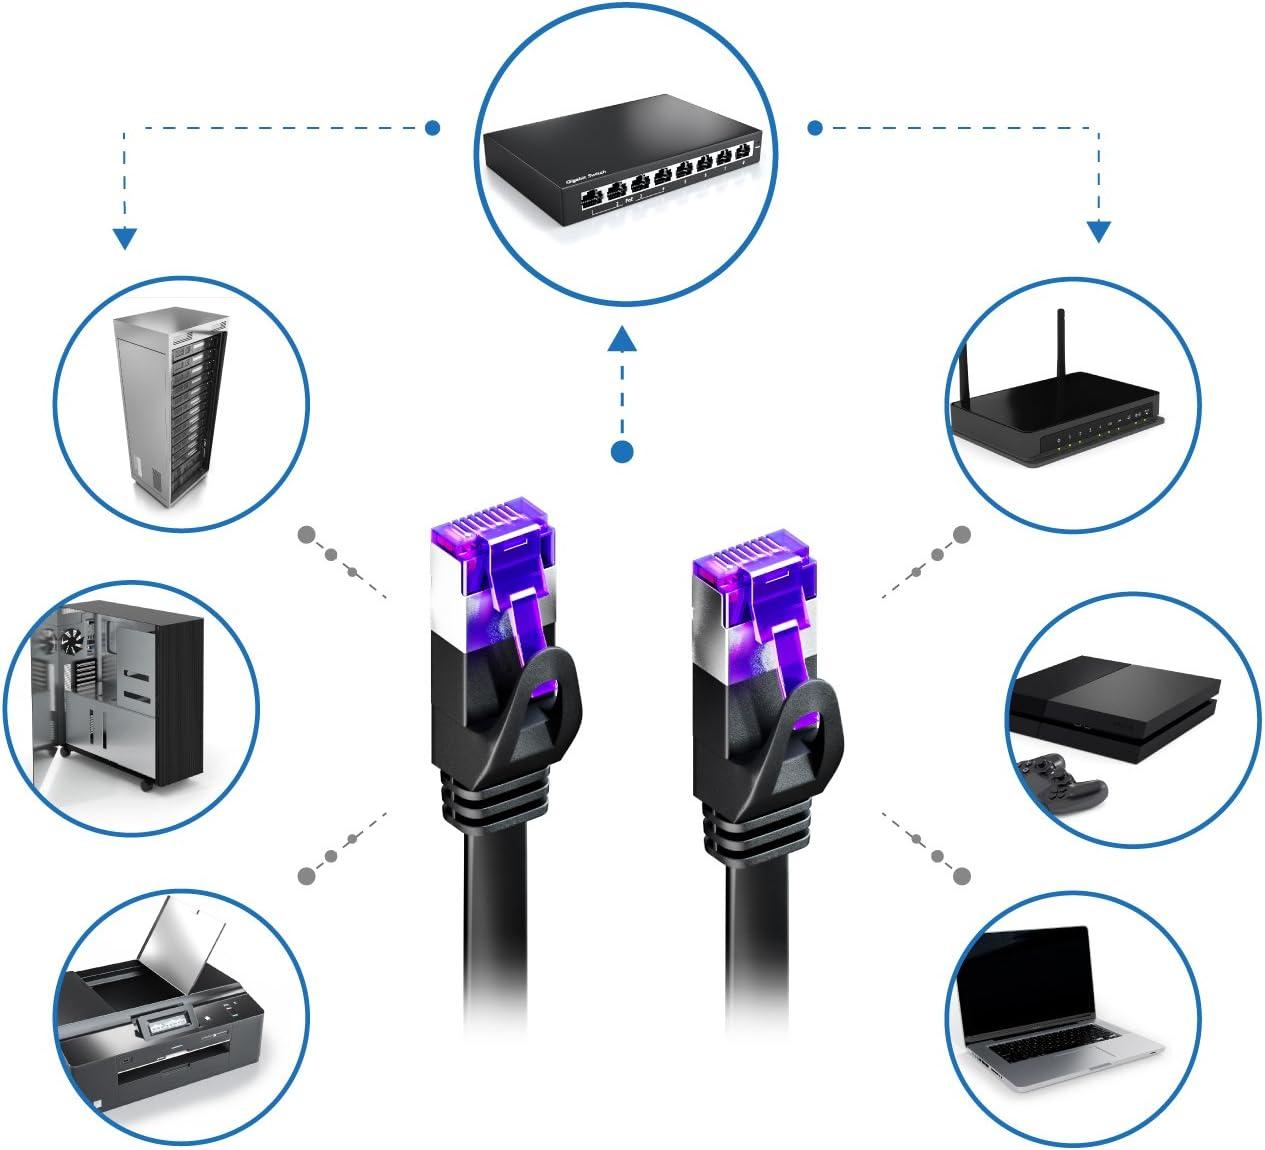 deleyCON 10m RJ45 Cable Plano Cable de Red de Categor/ía CAT7 Cable Ethernet U//FTP con Revestimiento Interior de Cobre Negro